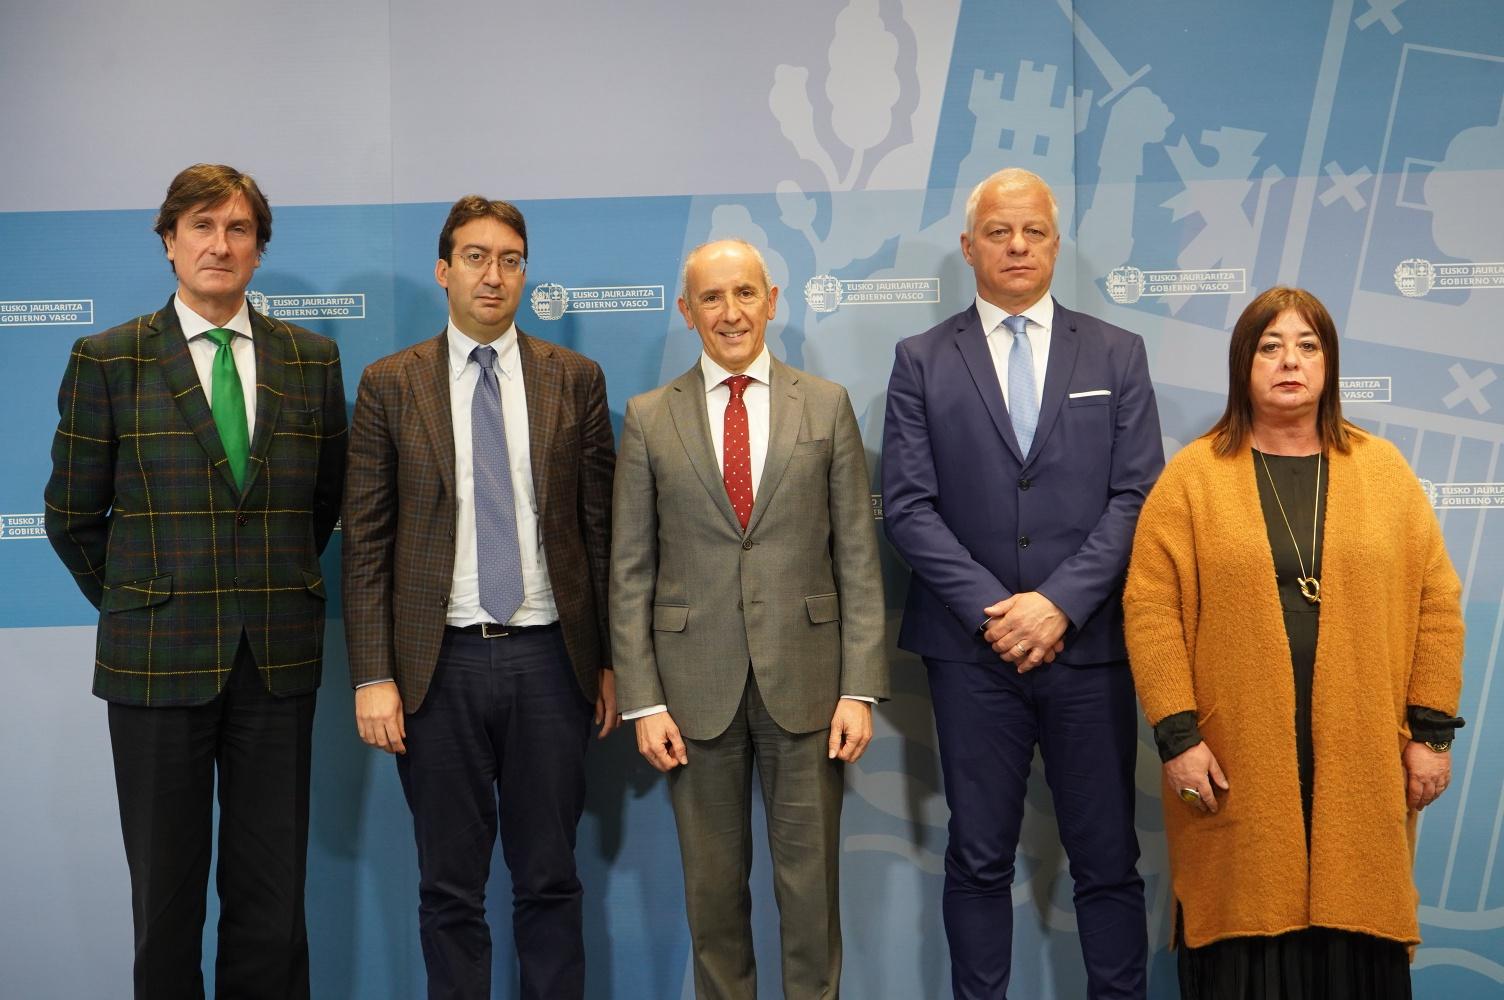 El Gobierno Vasco invita al grupo GRECO, de estados contra la corrupción del Consejo de Europa, a dar una conferencia en Euskadi [60:20]